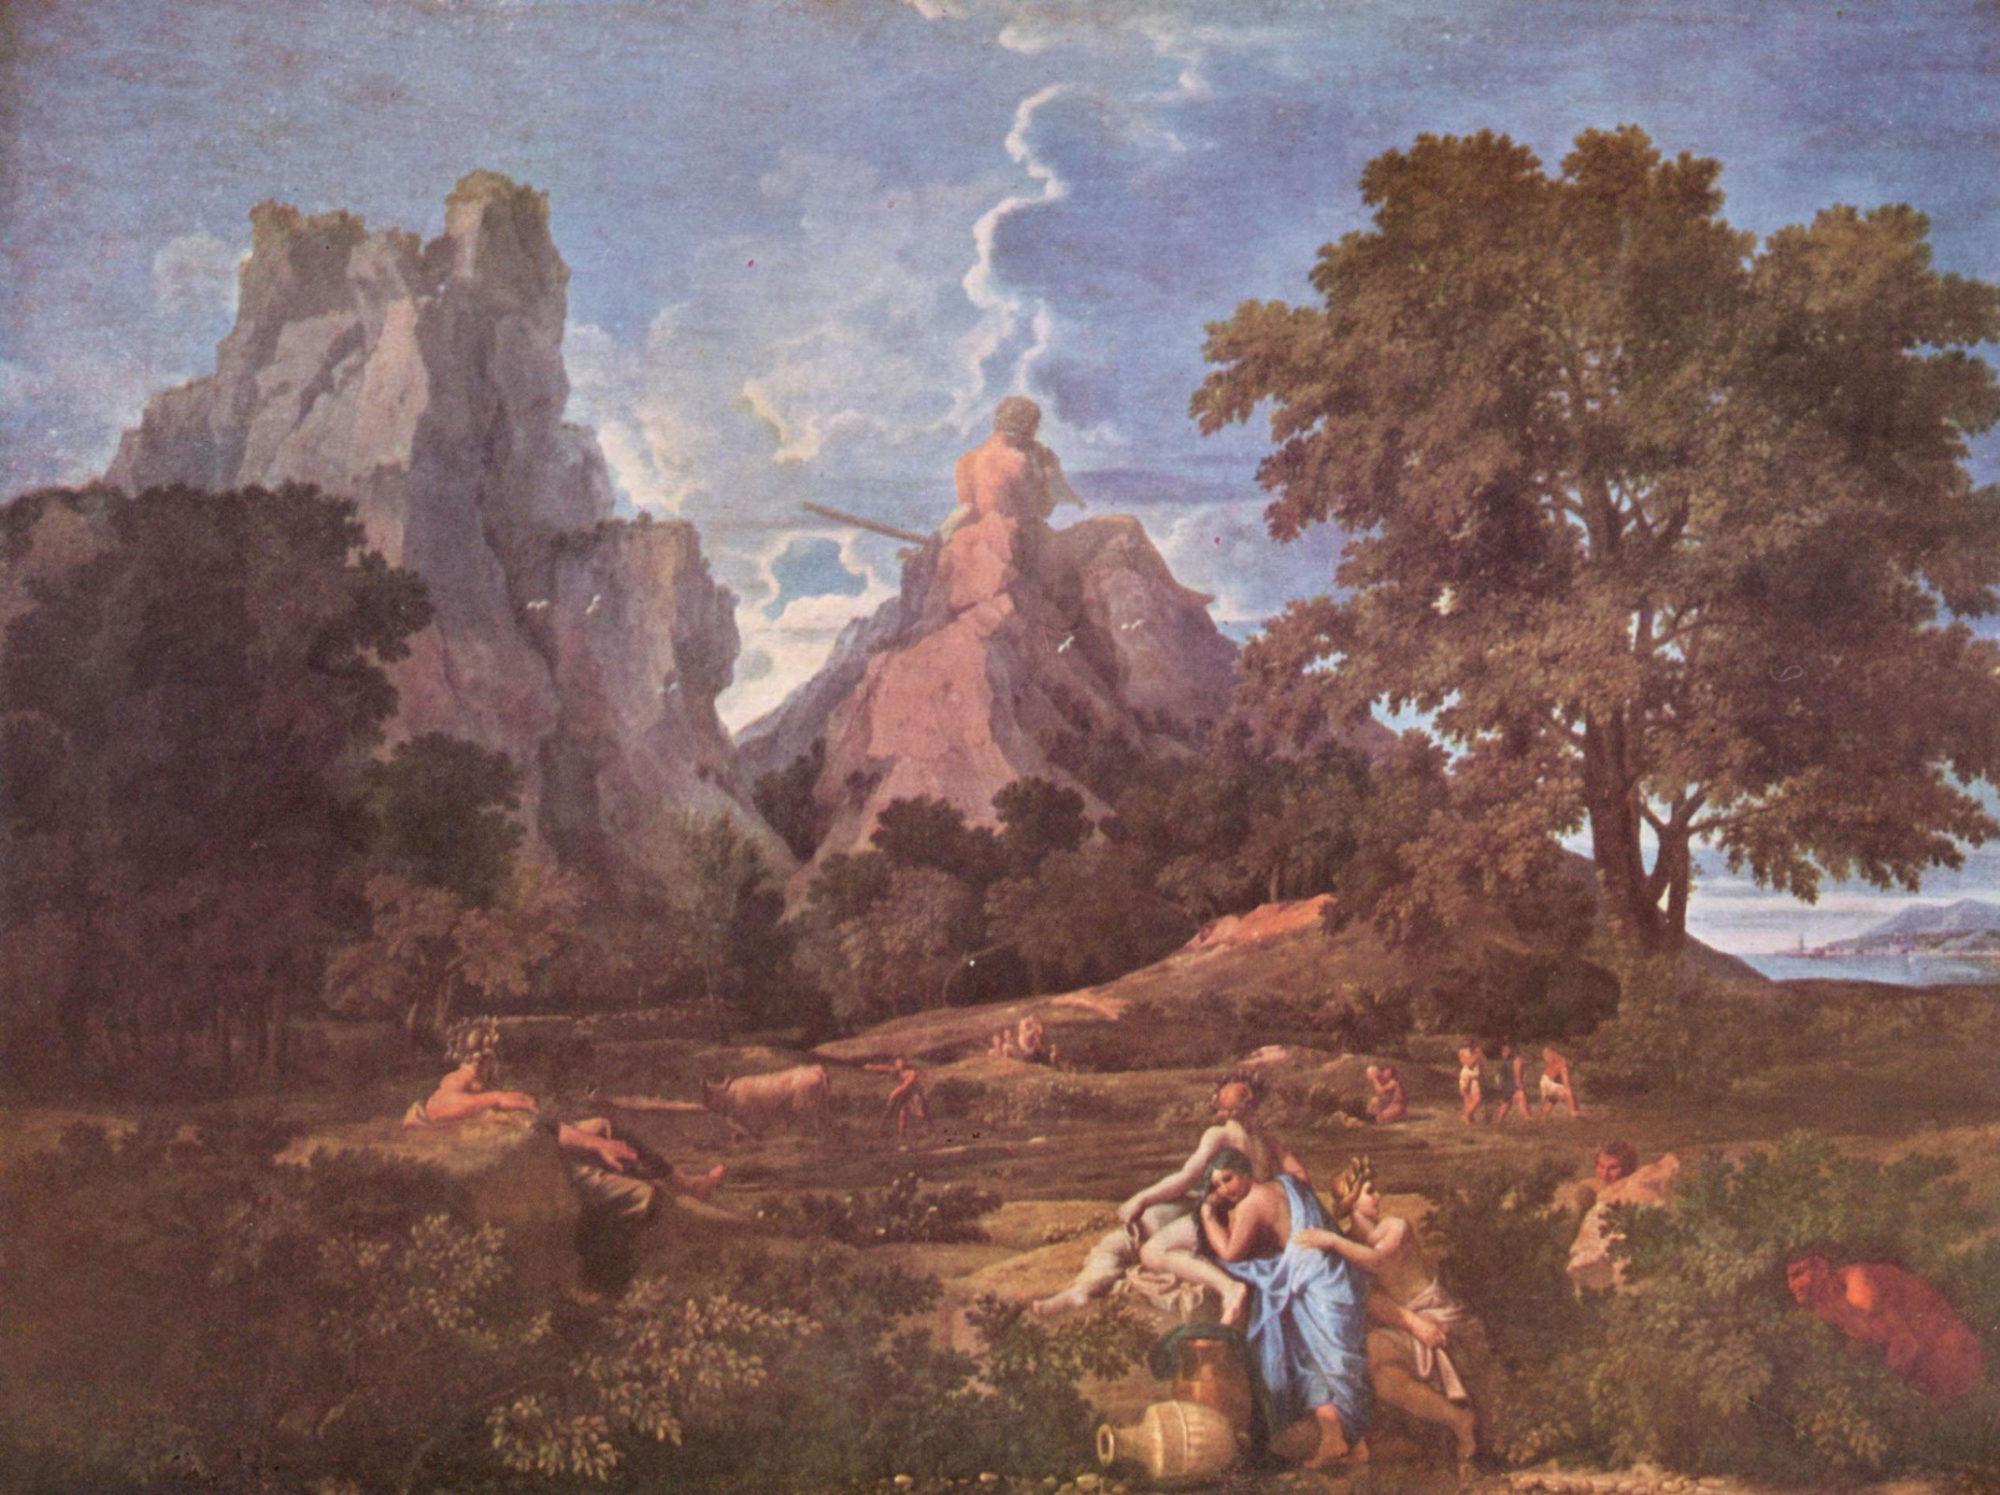 Никола Пуссен, 1649 год, картина «Пейзаж с Полифемом».